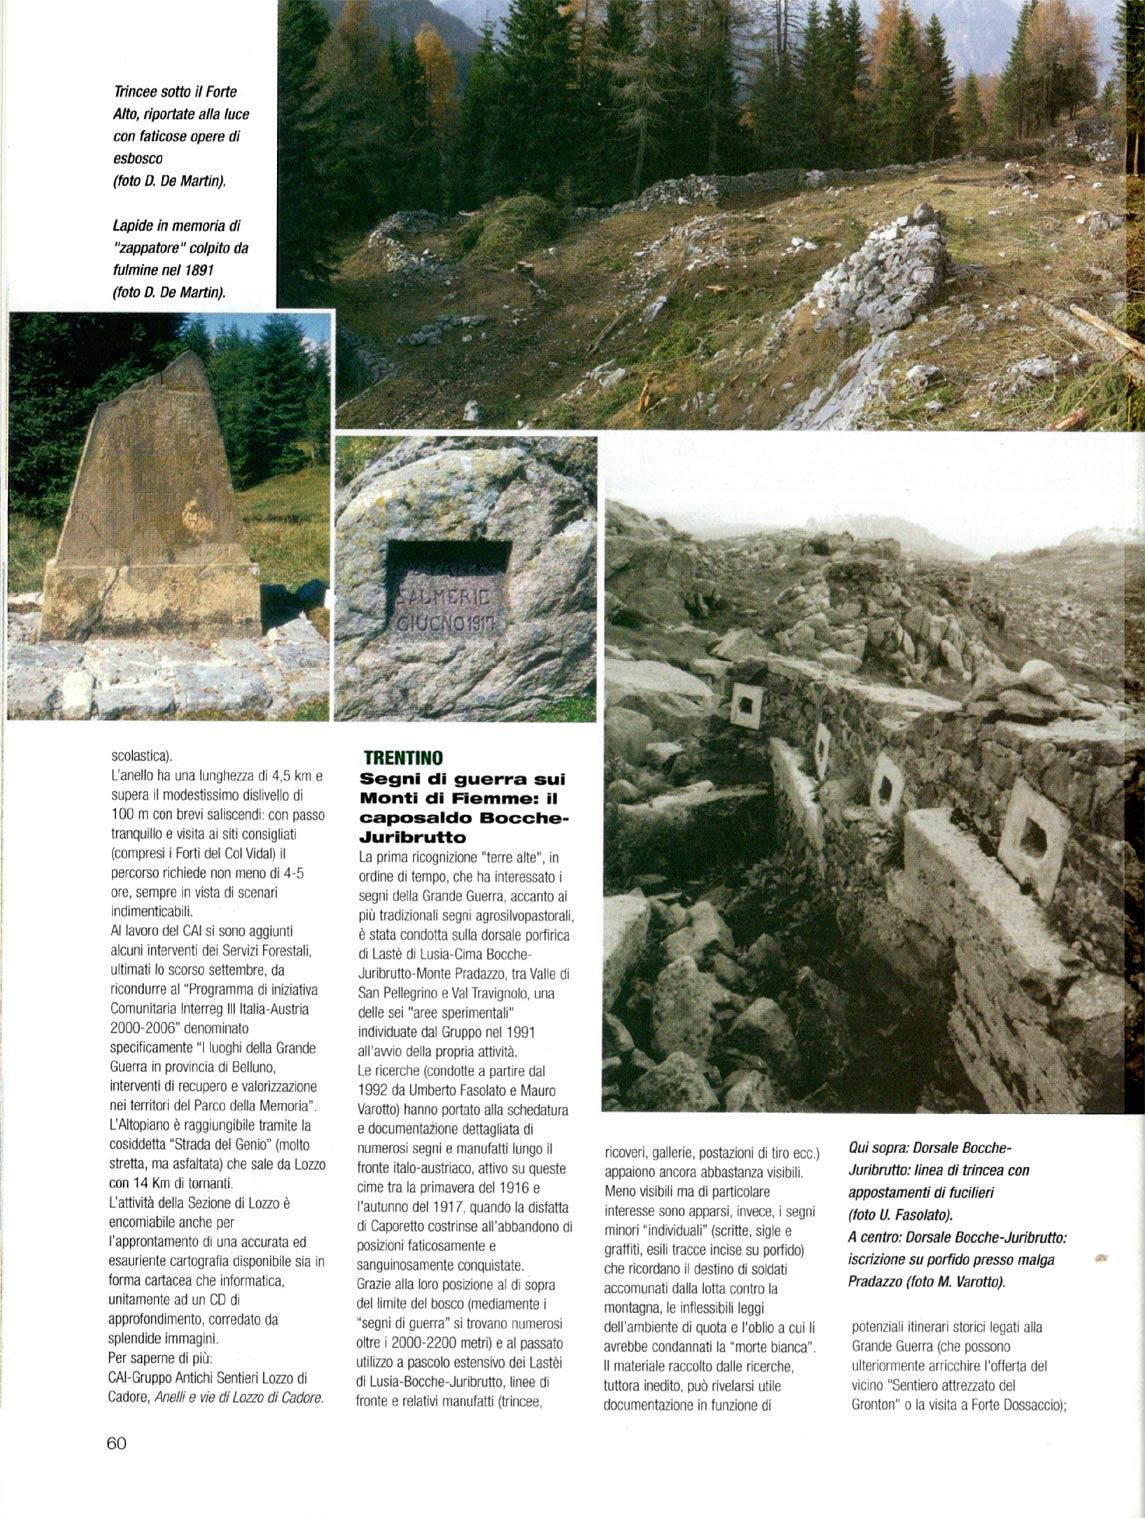 Articolo sul Parco della Memoria di Pian dei Buoi a firma di Ugo Mattana apparso sul numero luglio-agosto 2005 della RIvista del CAI (p. 3#4)